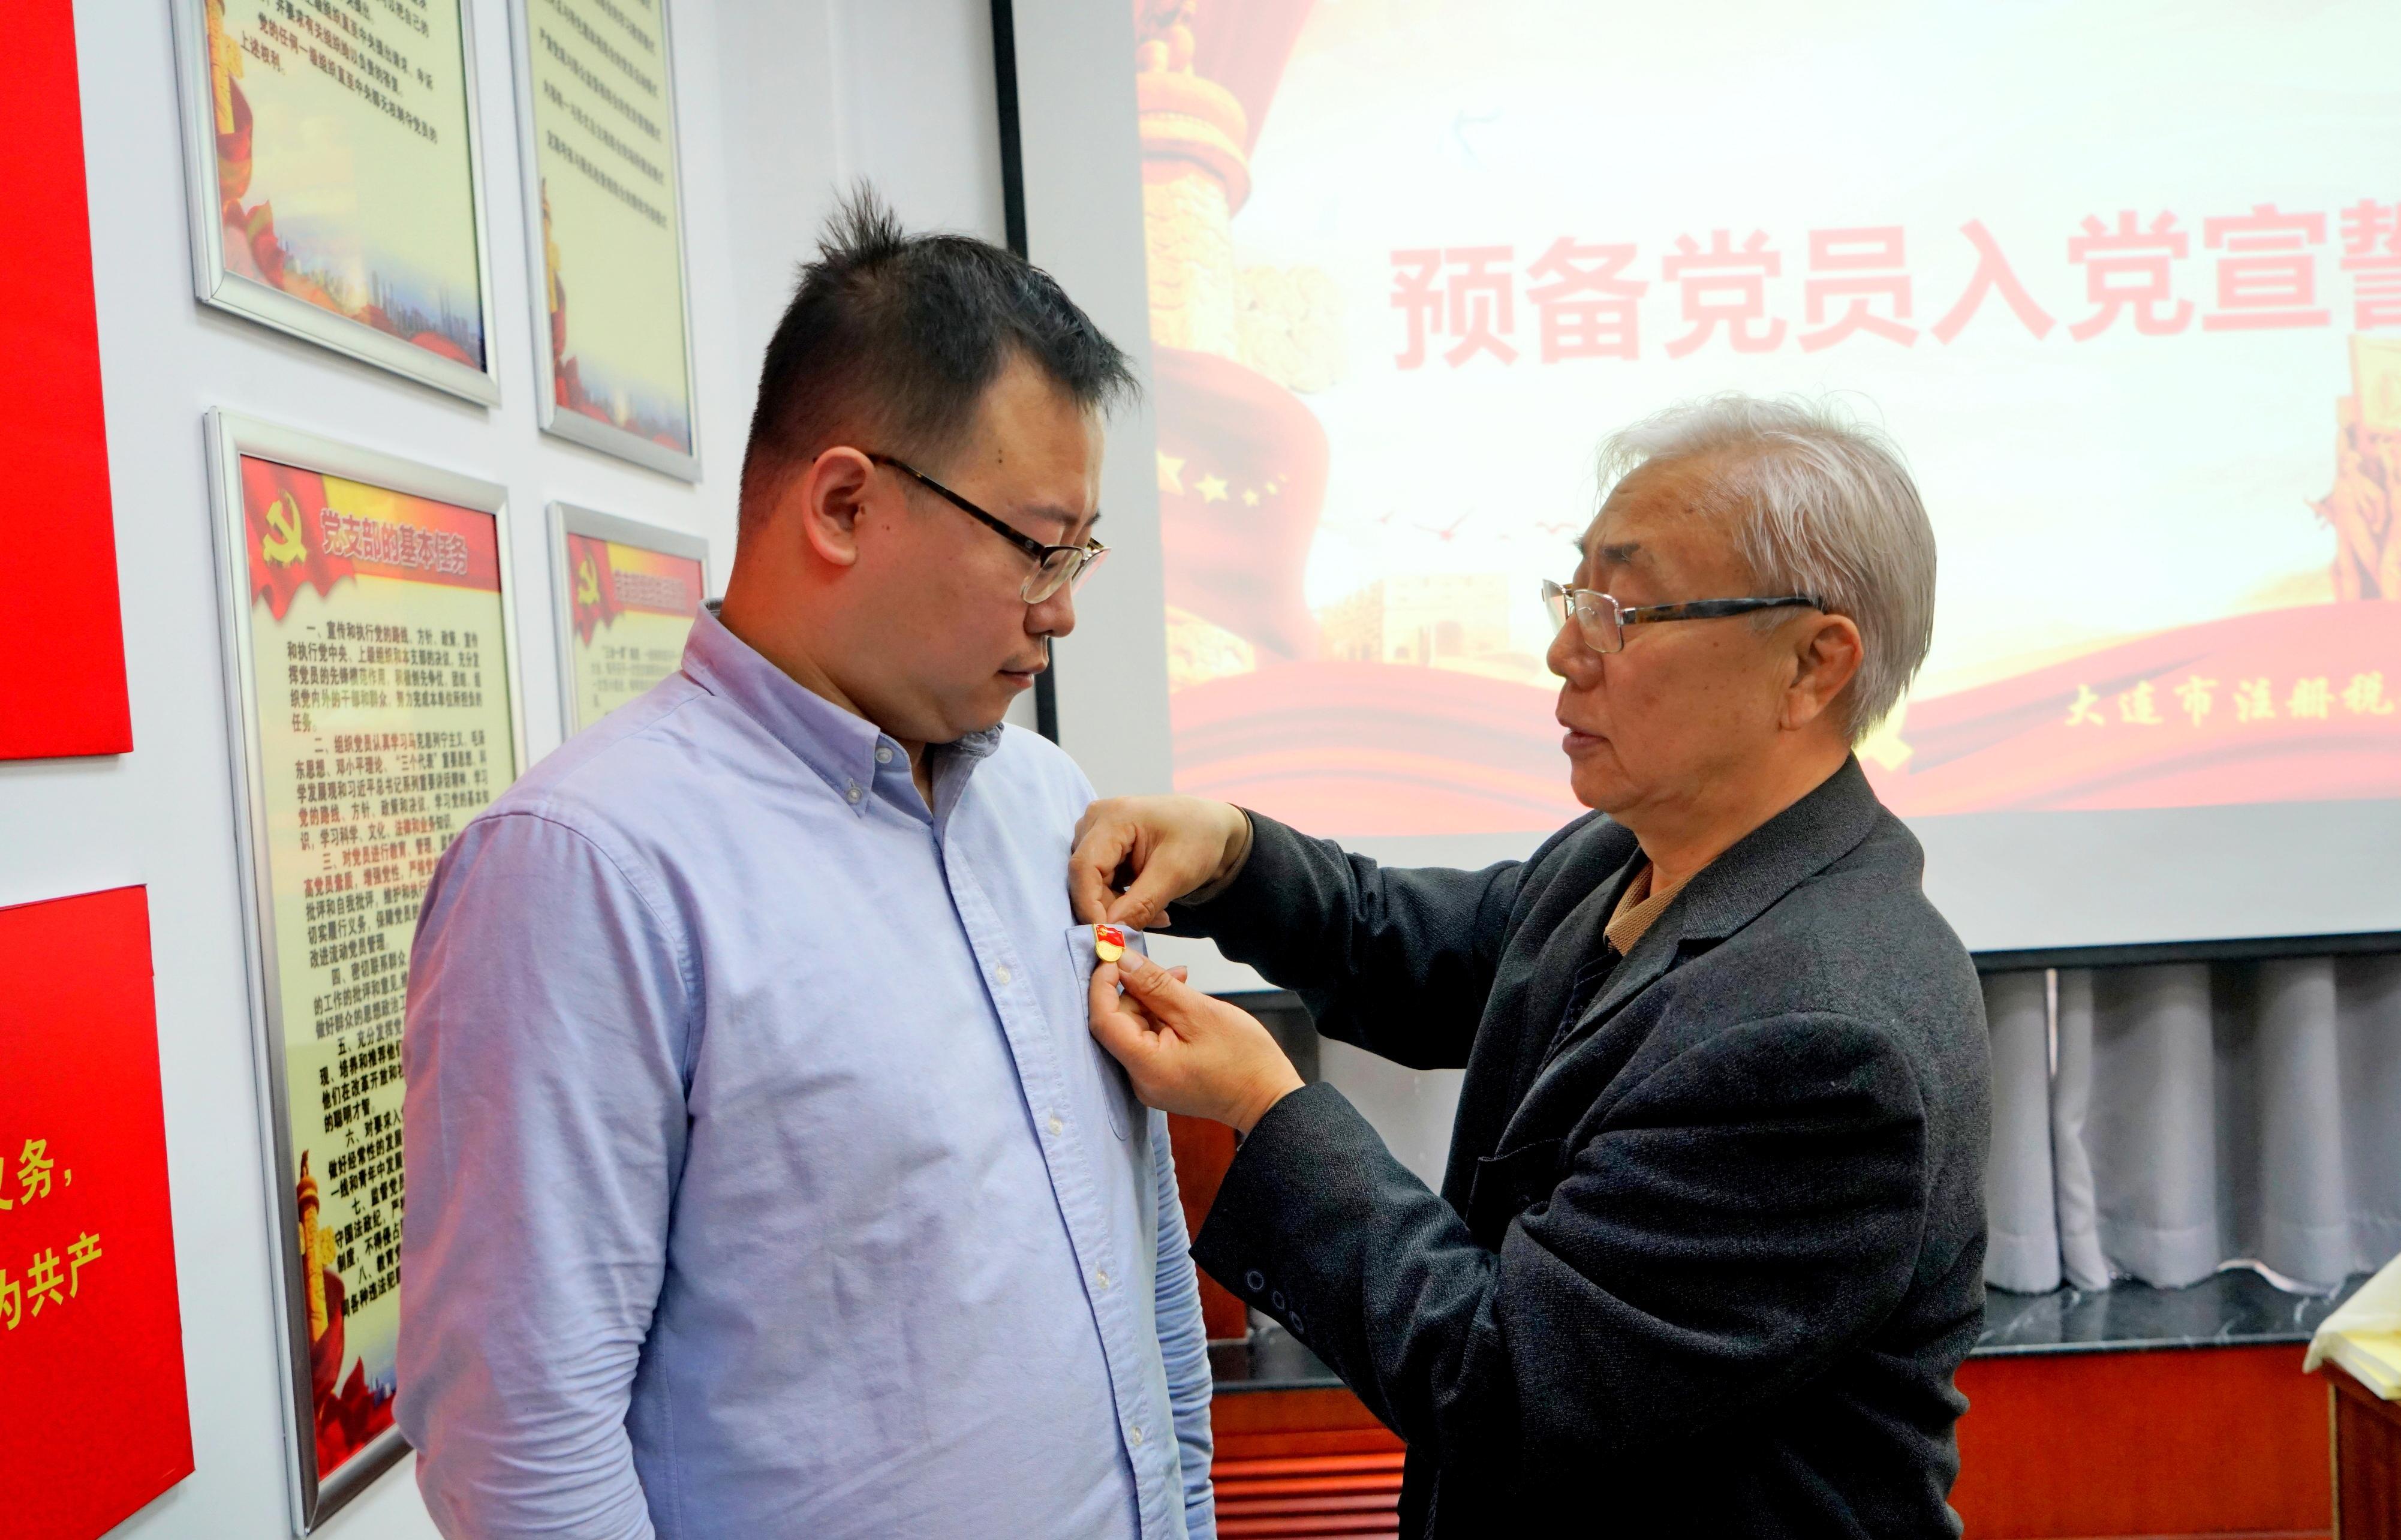 大连税协党委组织预备党员进行入党宣誓教育